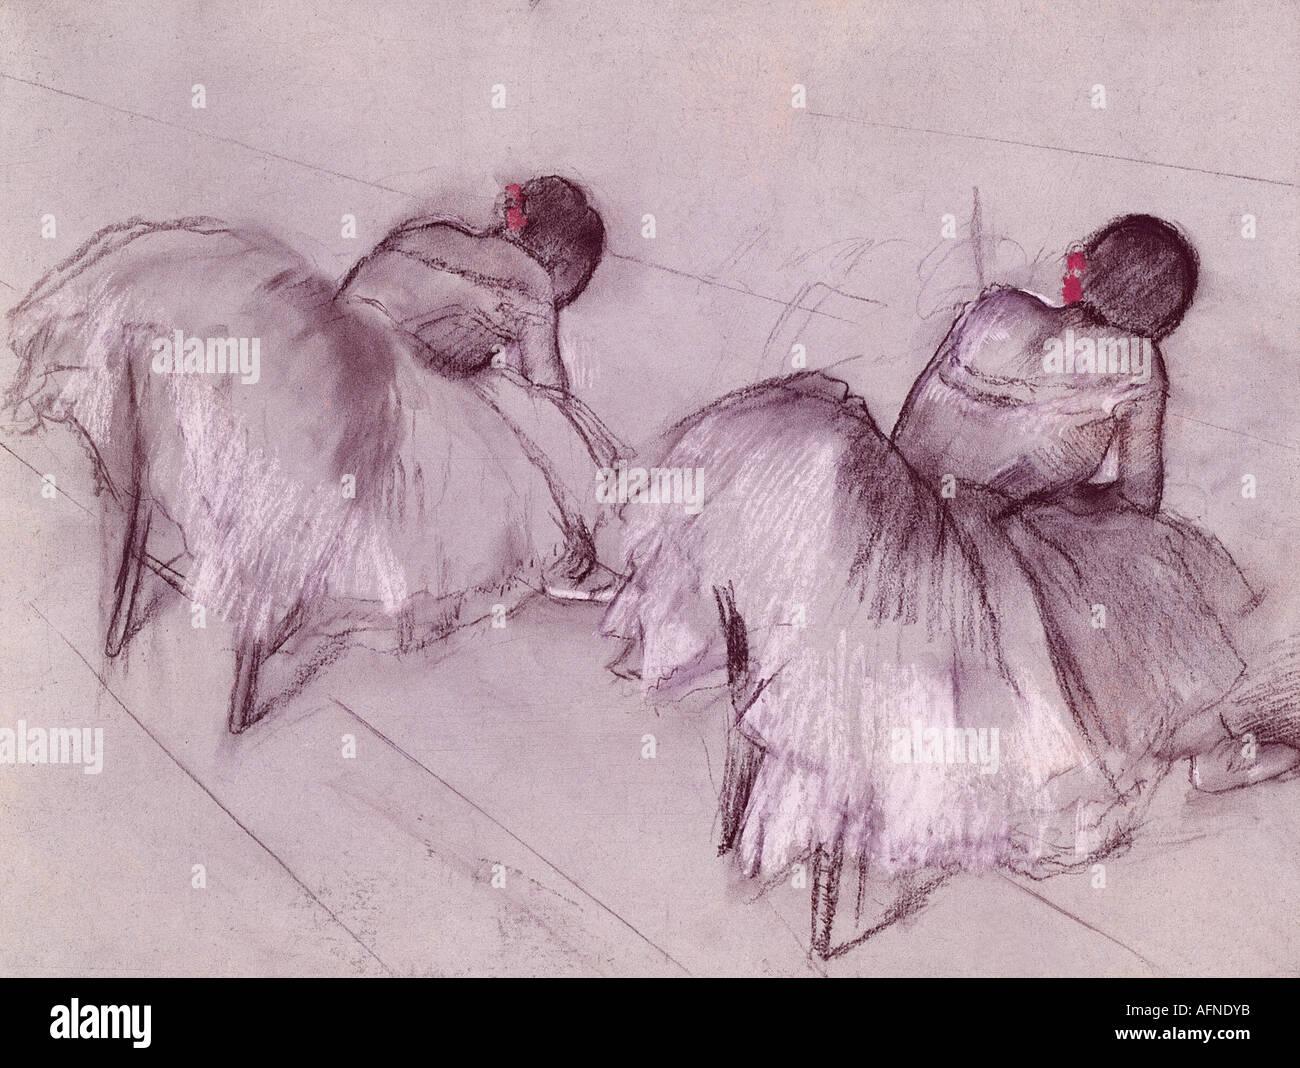 """'Fine Arts, Degas, Edgar, (1834 - 1917), peinture, """"Deux danseurs au repos"""", pastel sur papier, l'Art House, Zürich, historique, histor Photo Stock"""